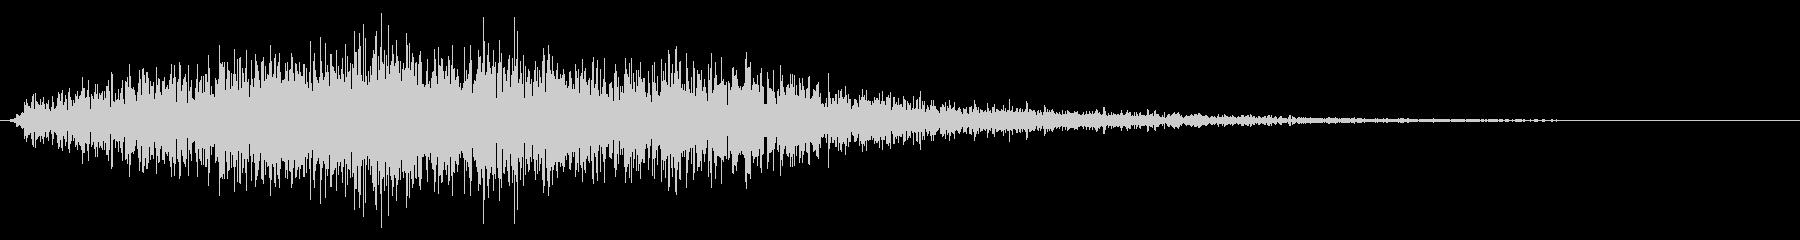 劇的な音楽遷移ドローンの未再生の波形